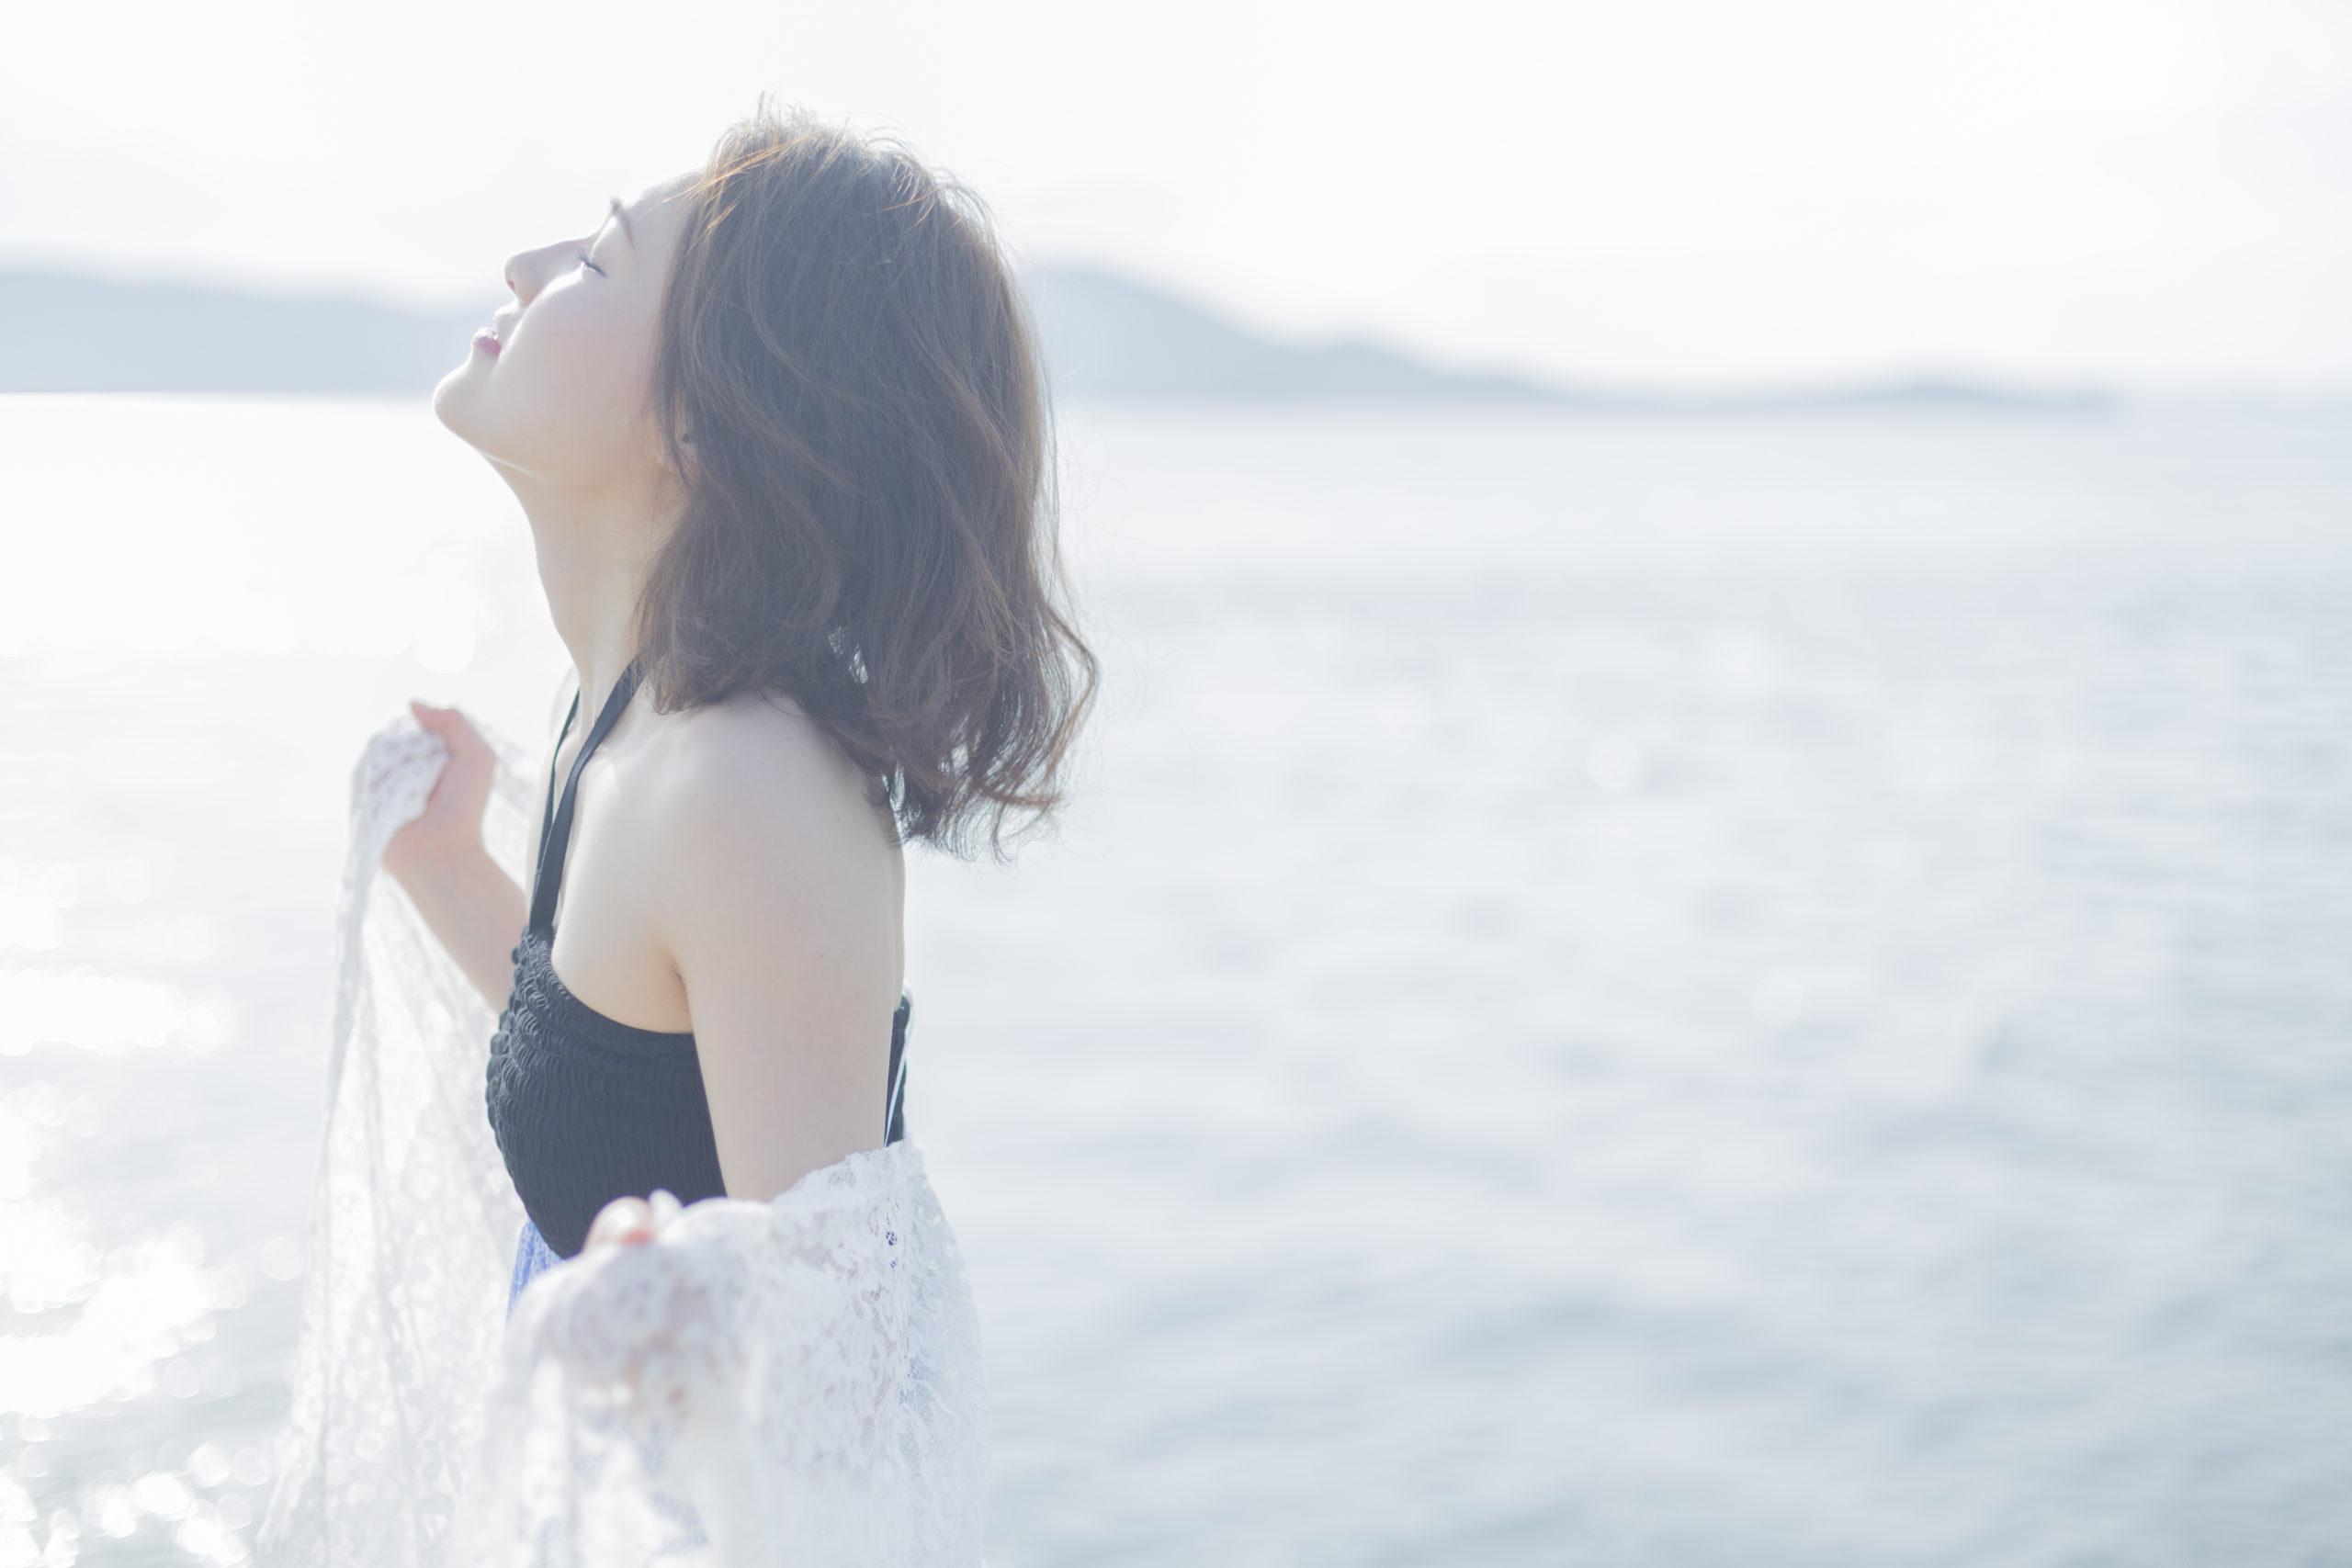 姫路の医療脱毛でスベスベお肌を目指そう~安心・安全な全身脱毛~